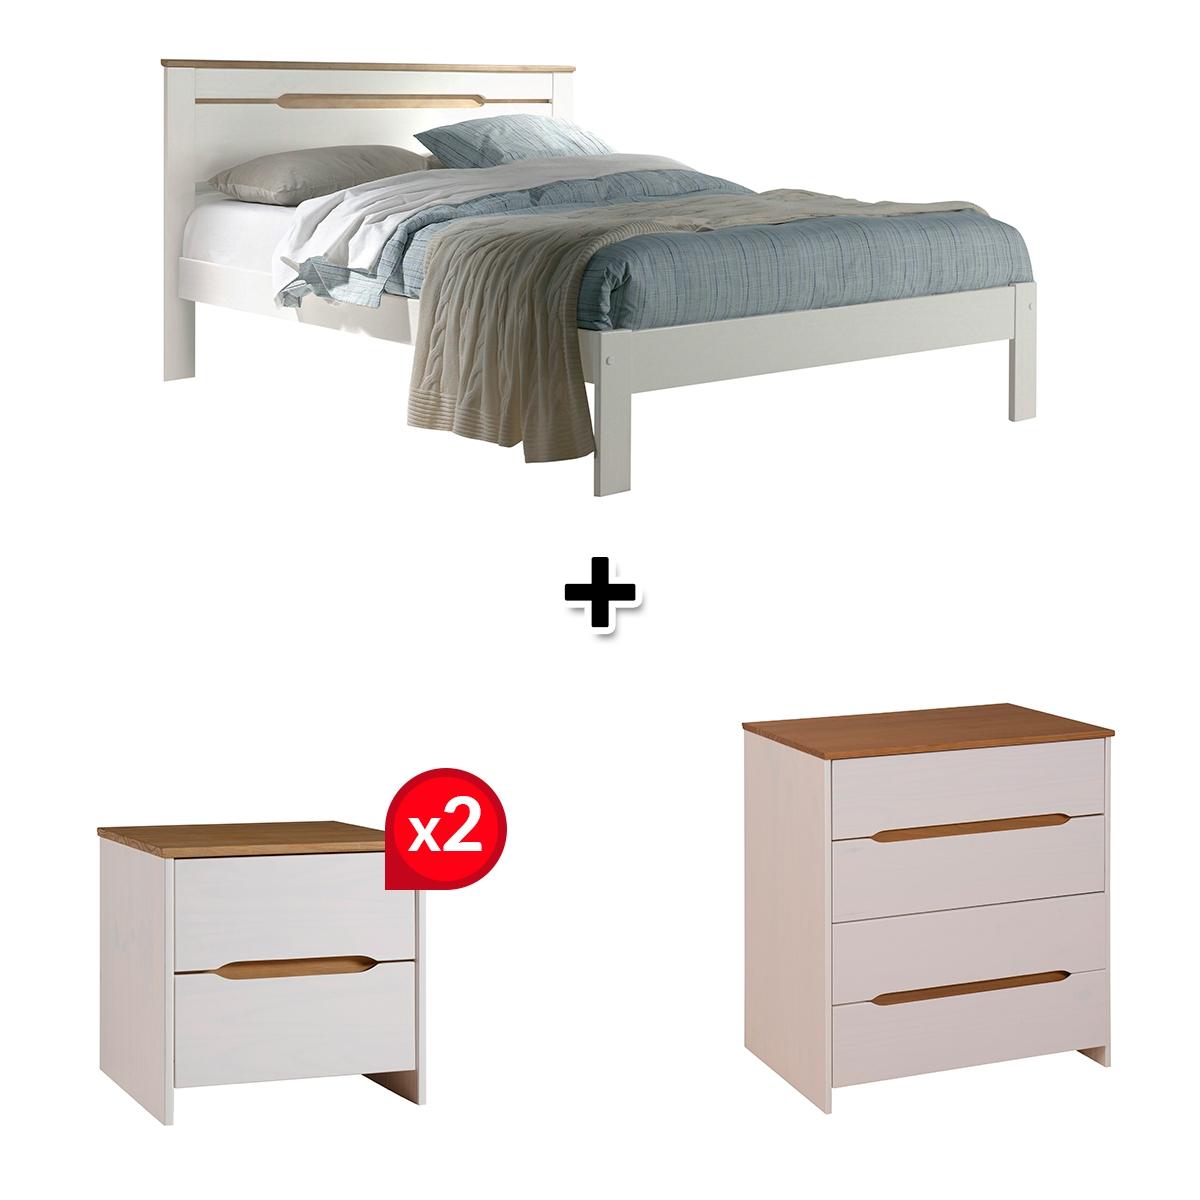 Lit 140x190 cm + commode + 2 chevets ELISA coloris blanc